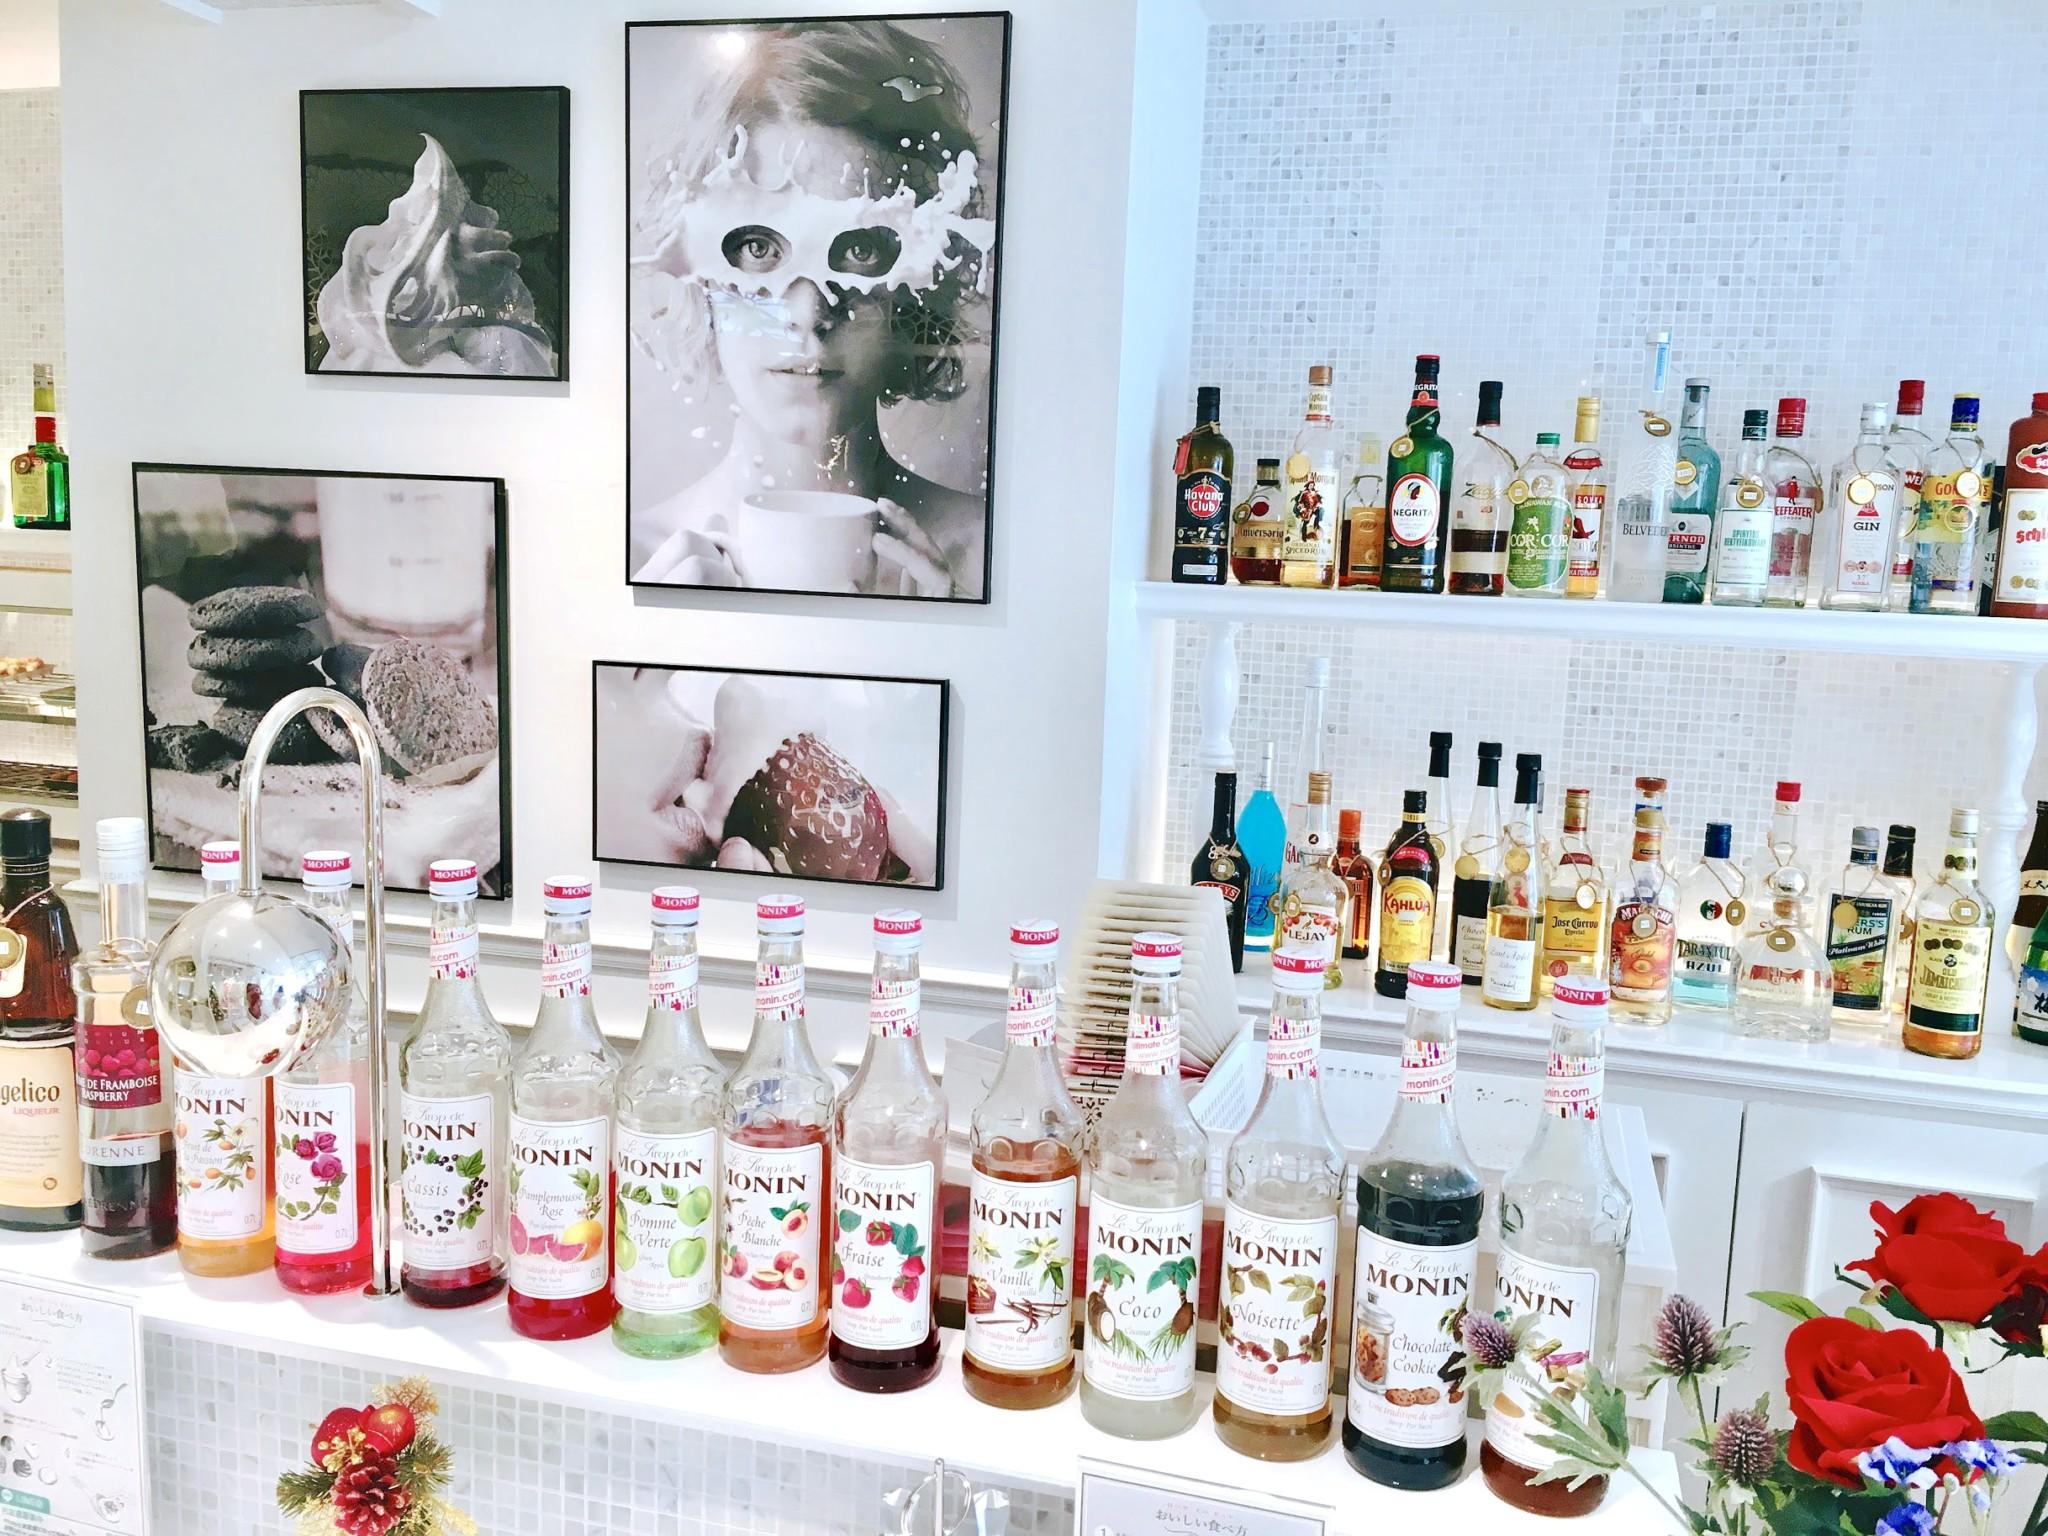 「ソフトクリーム+お酒」恵比寿のカフェ『MiLKs(ミルクス)』の画像3